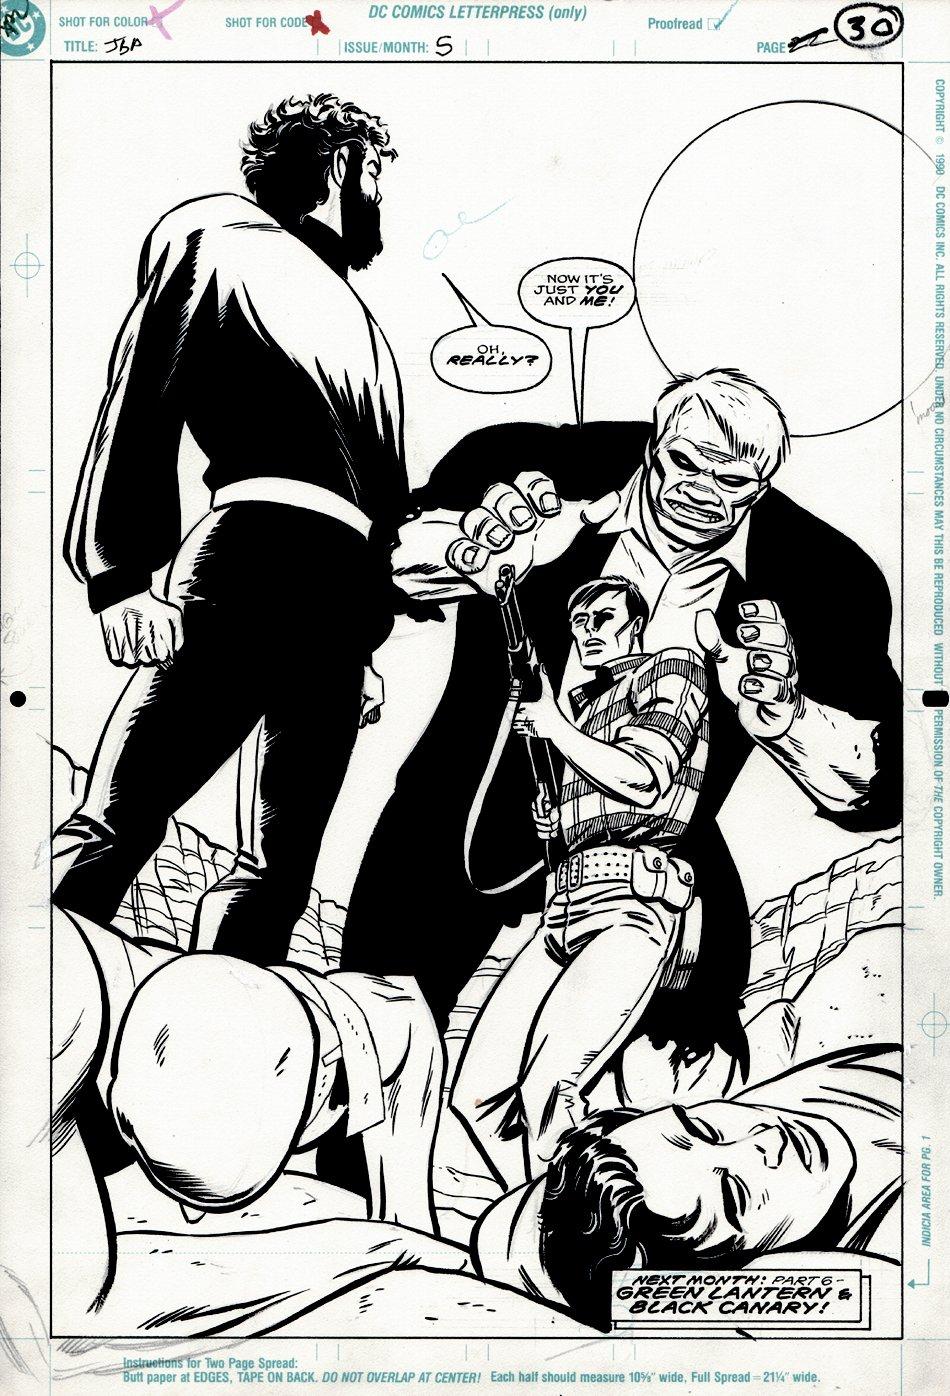 Justice Society of America #5 SPLASH (SOLOMON GRUNDY) 1992